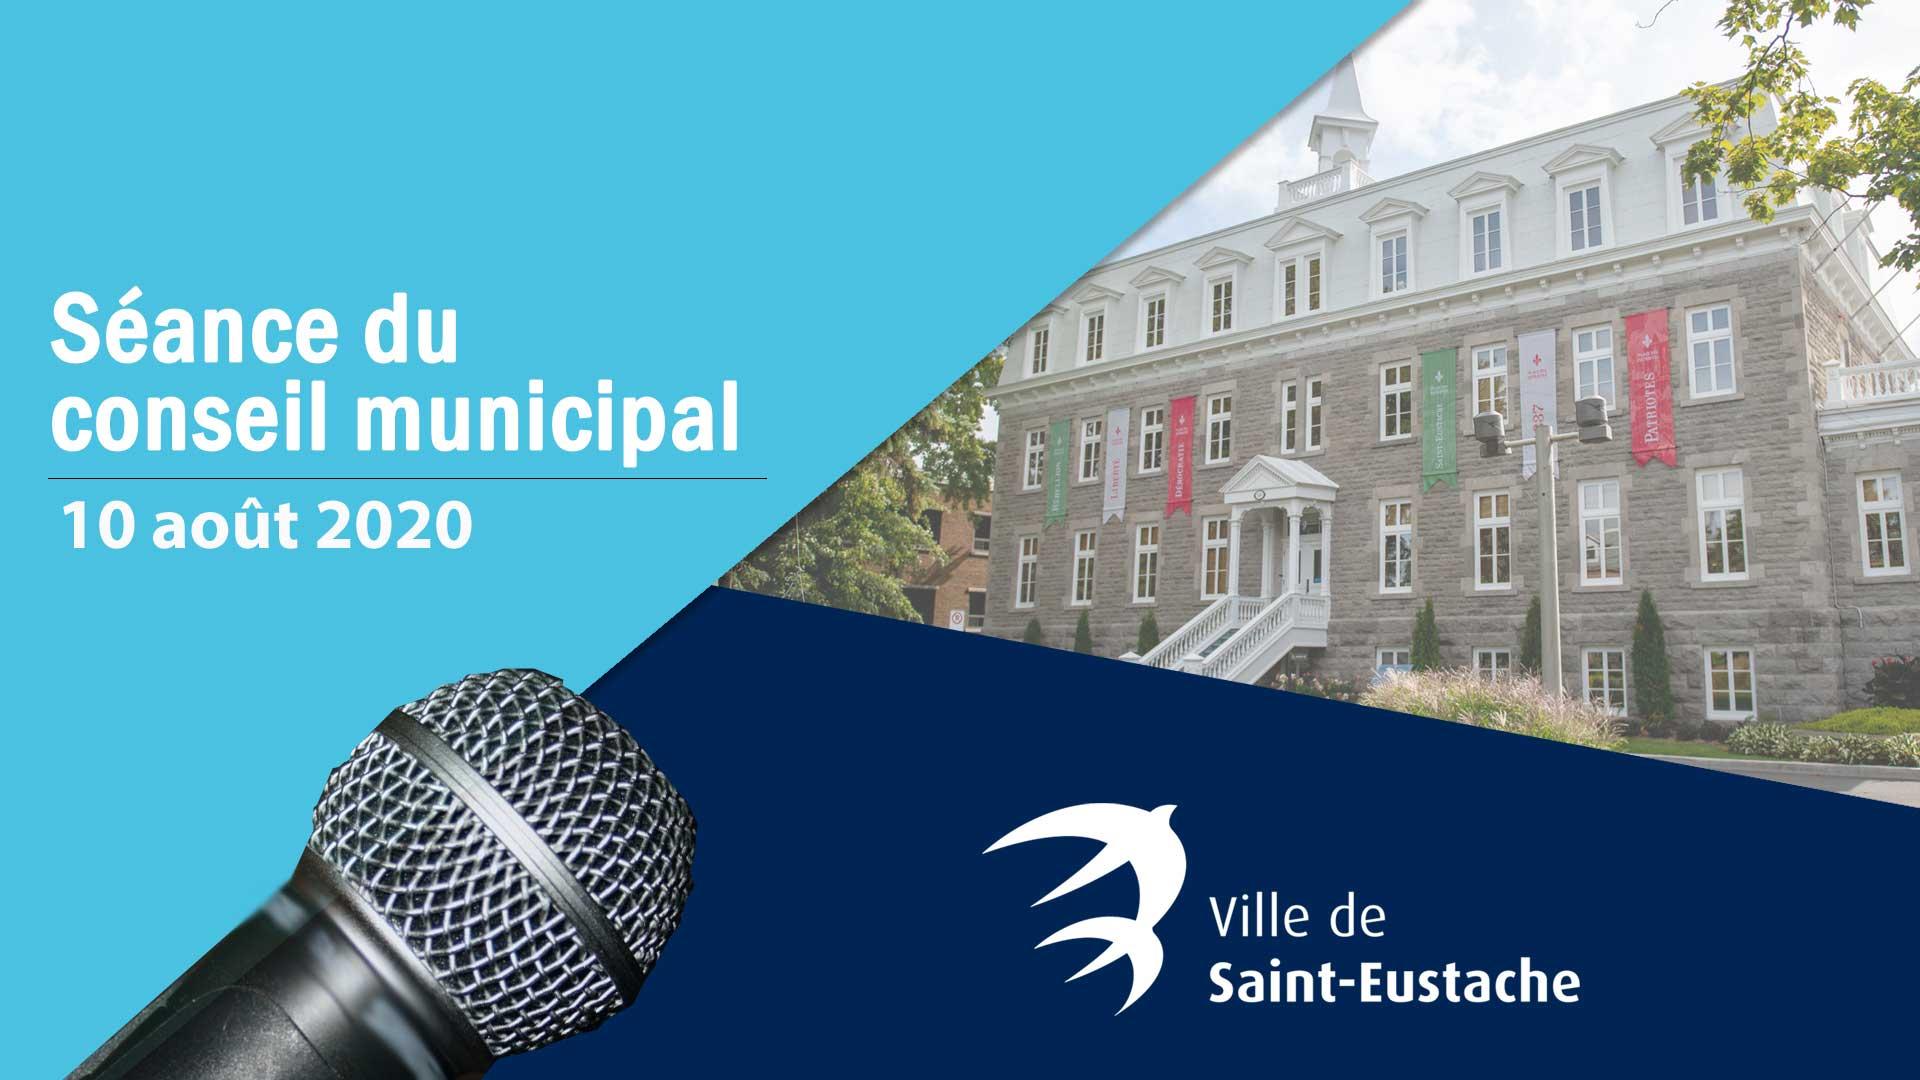 Séance du conseil municipal le 10 août 2020 à huis clos